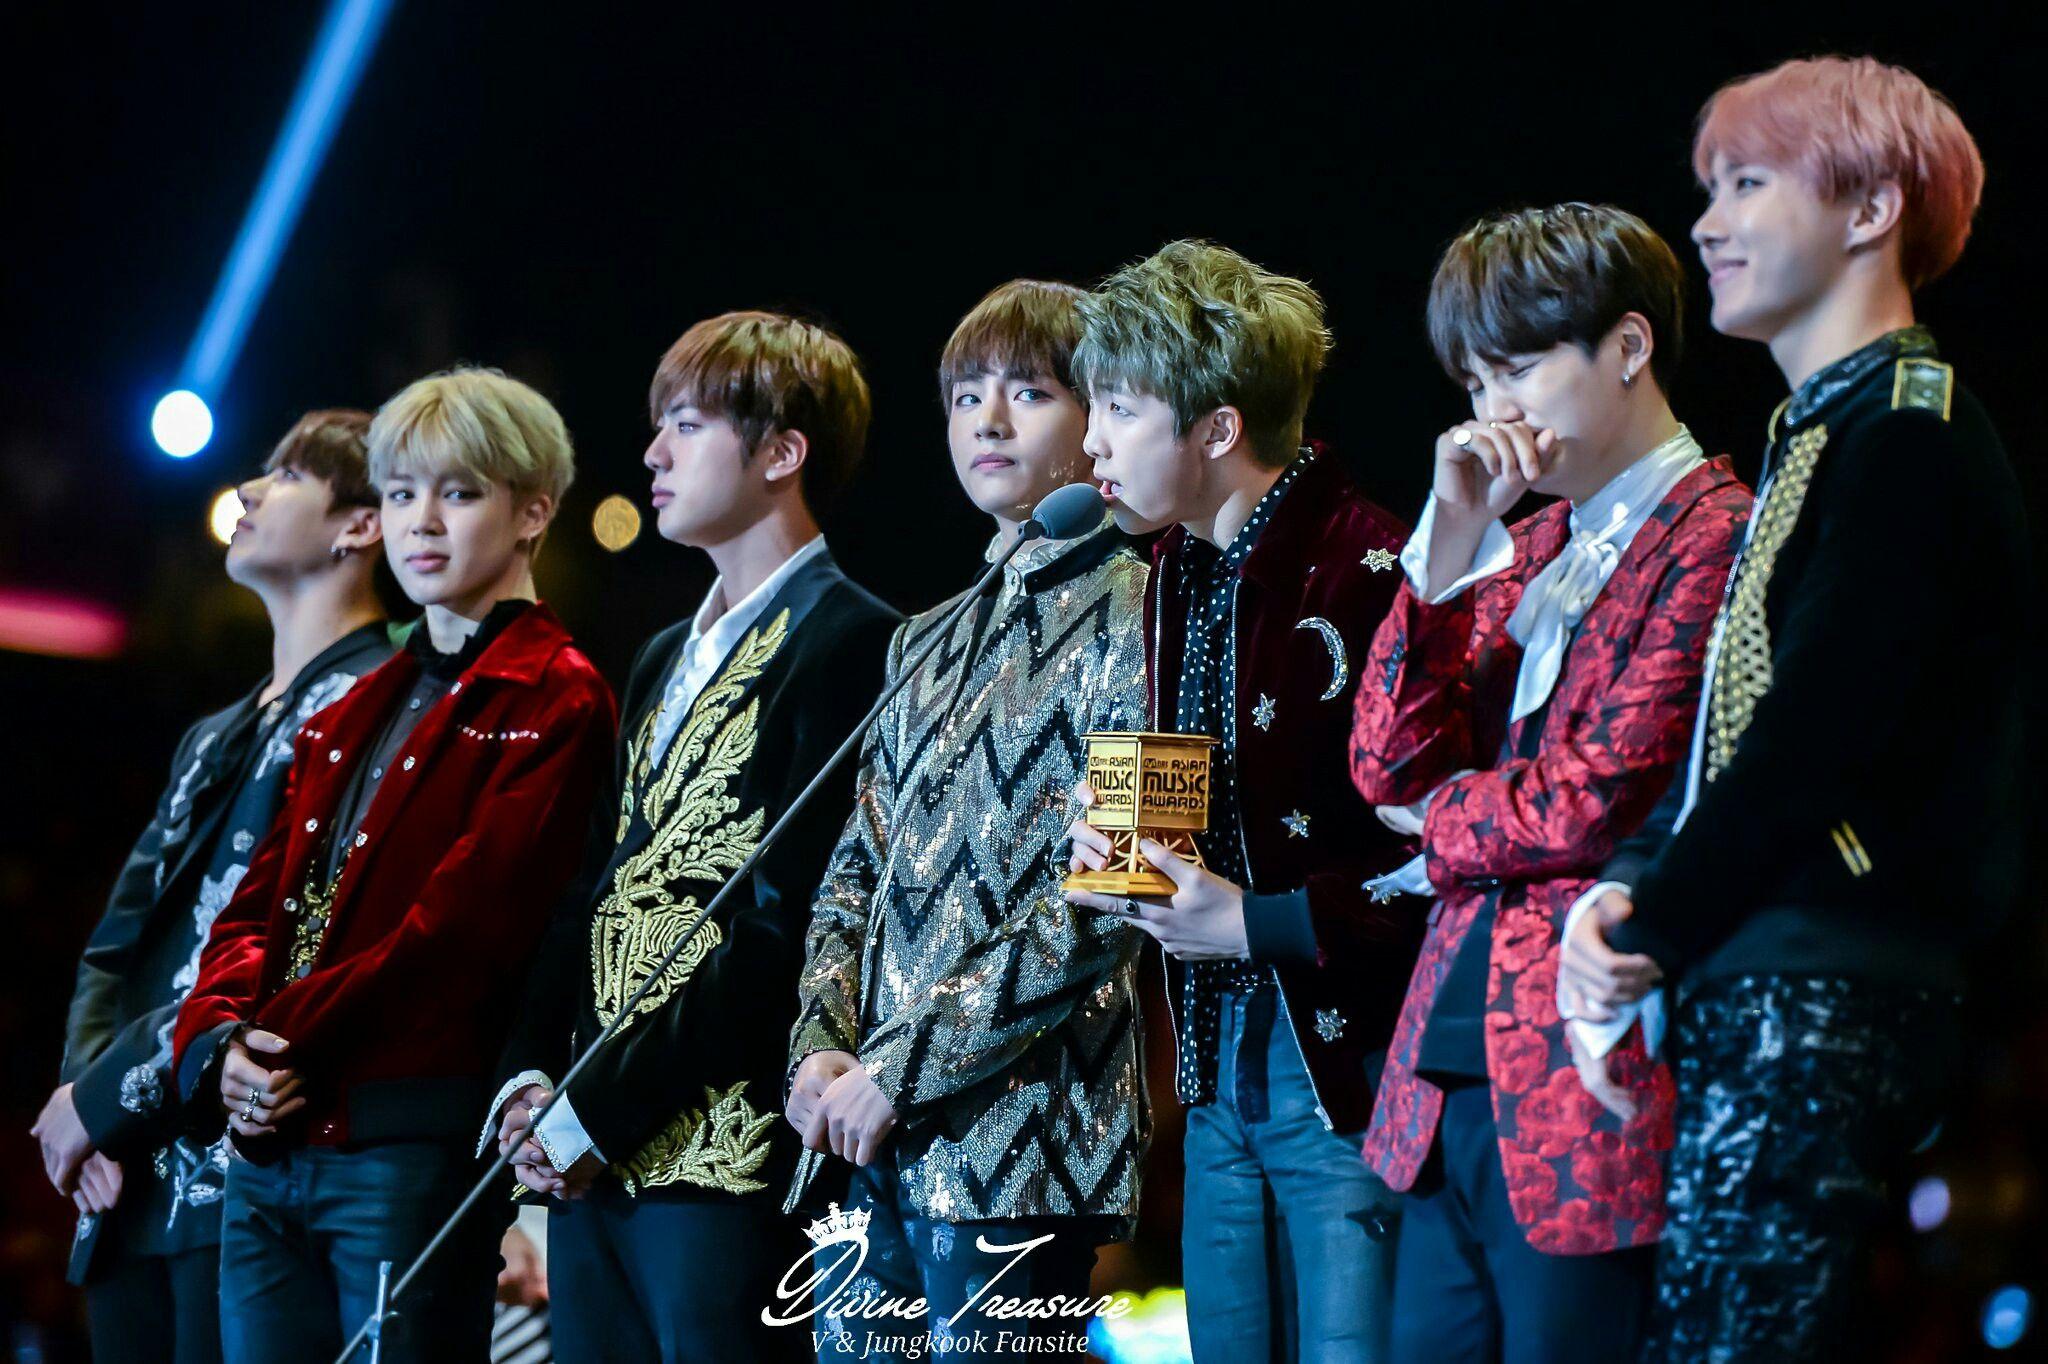 BTS at MAMA 2016 (161202) BTS 방탄소년단 Hình ảnh, Nhóm